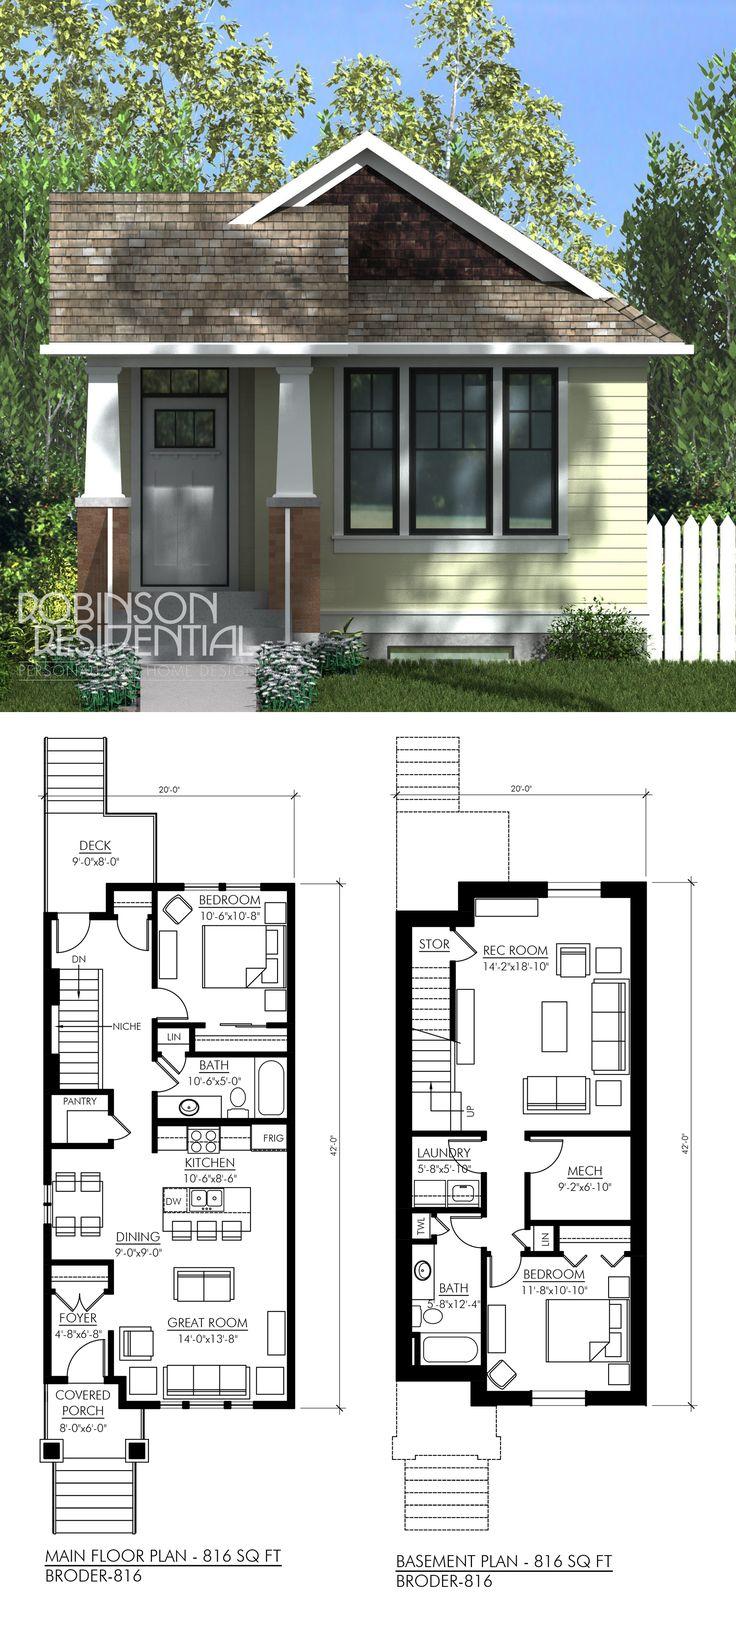 51 best Craftsman Home Plans images on Pinterest | Floor plans ...